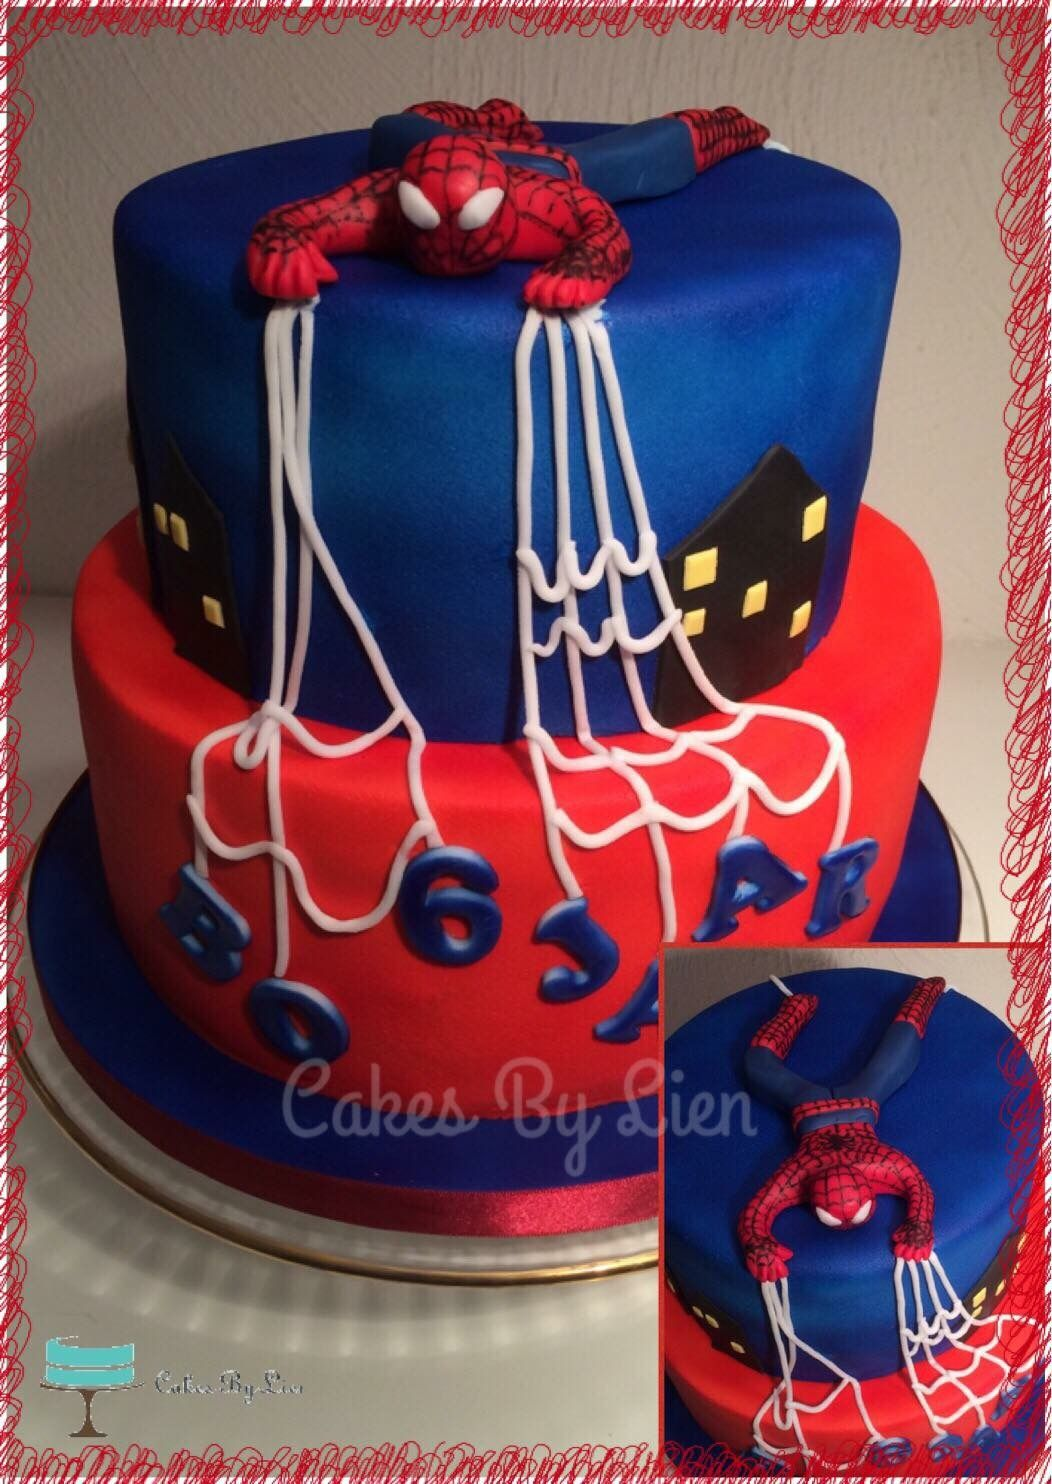 Bedwelming Bo werd 6 jaar oud en houdt van Spiderman! De taart is @TE45